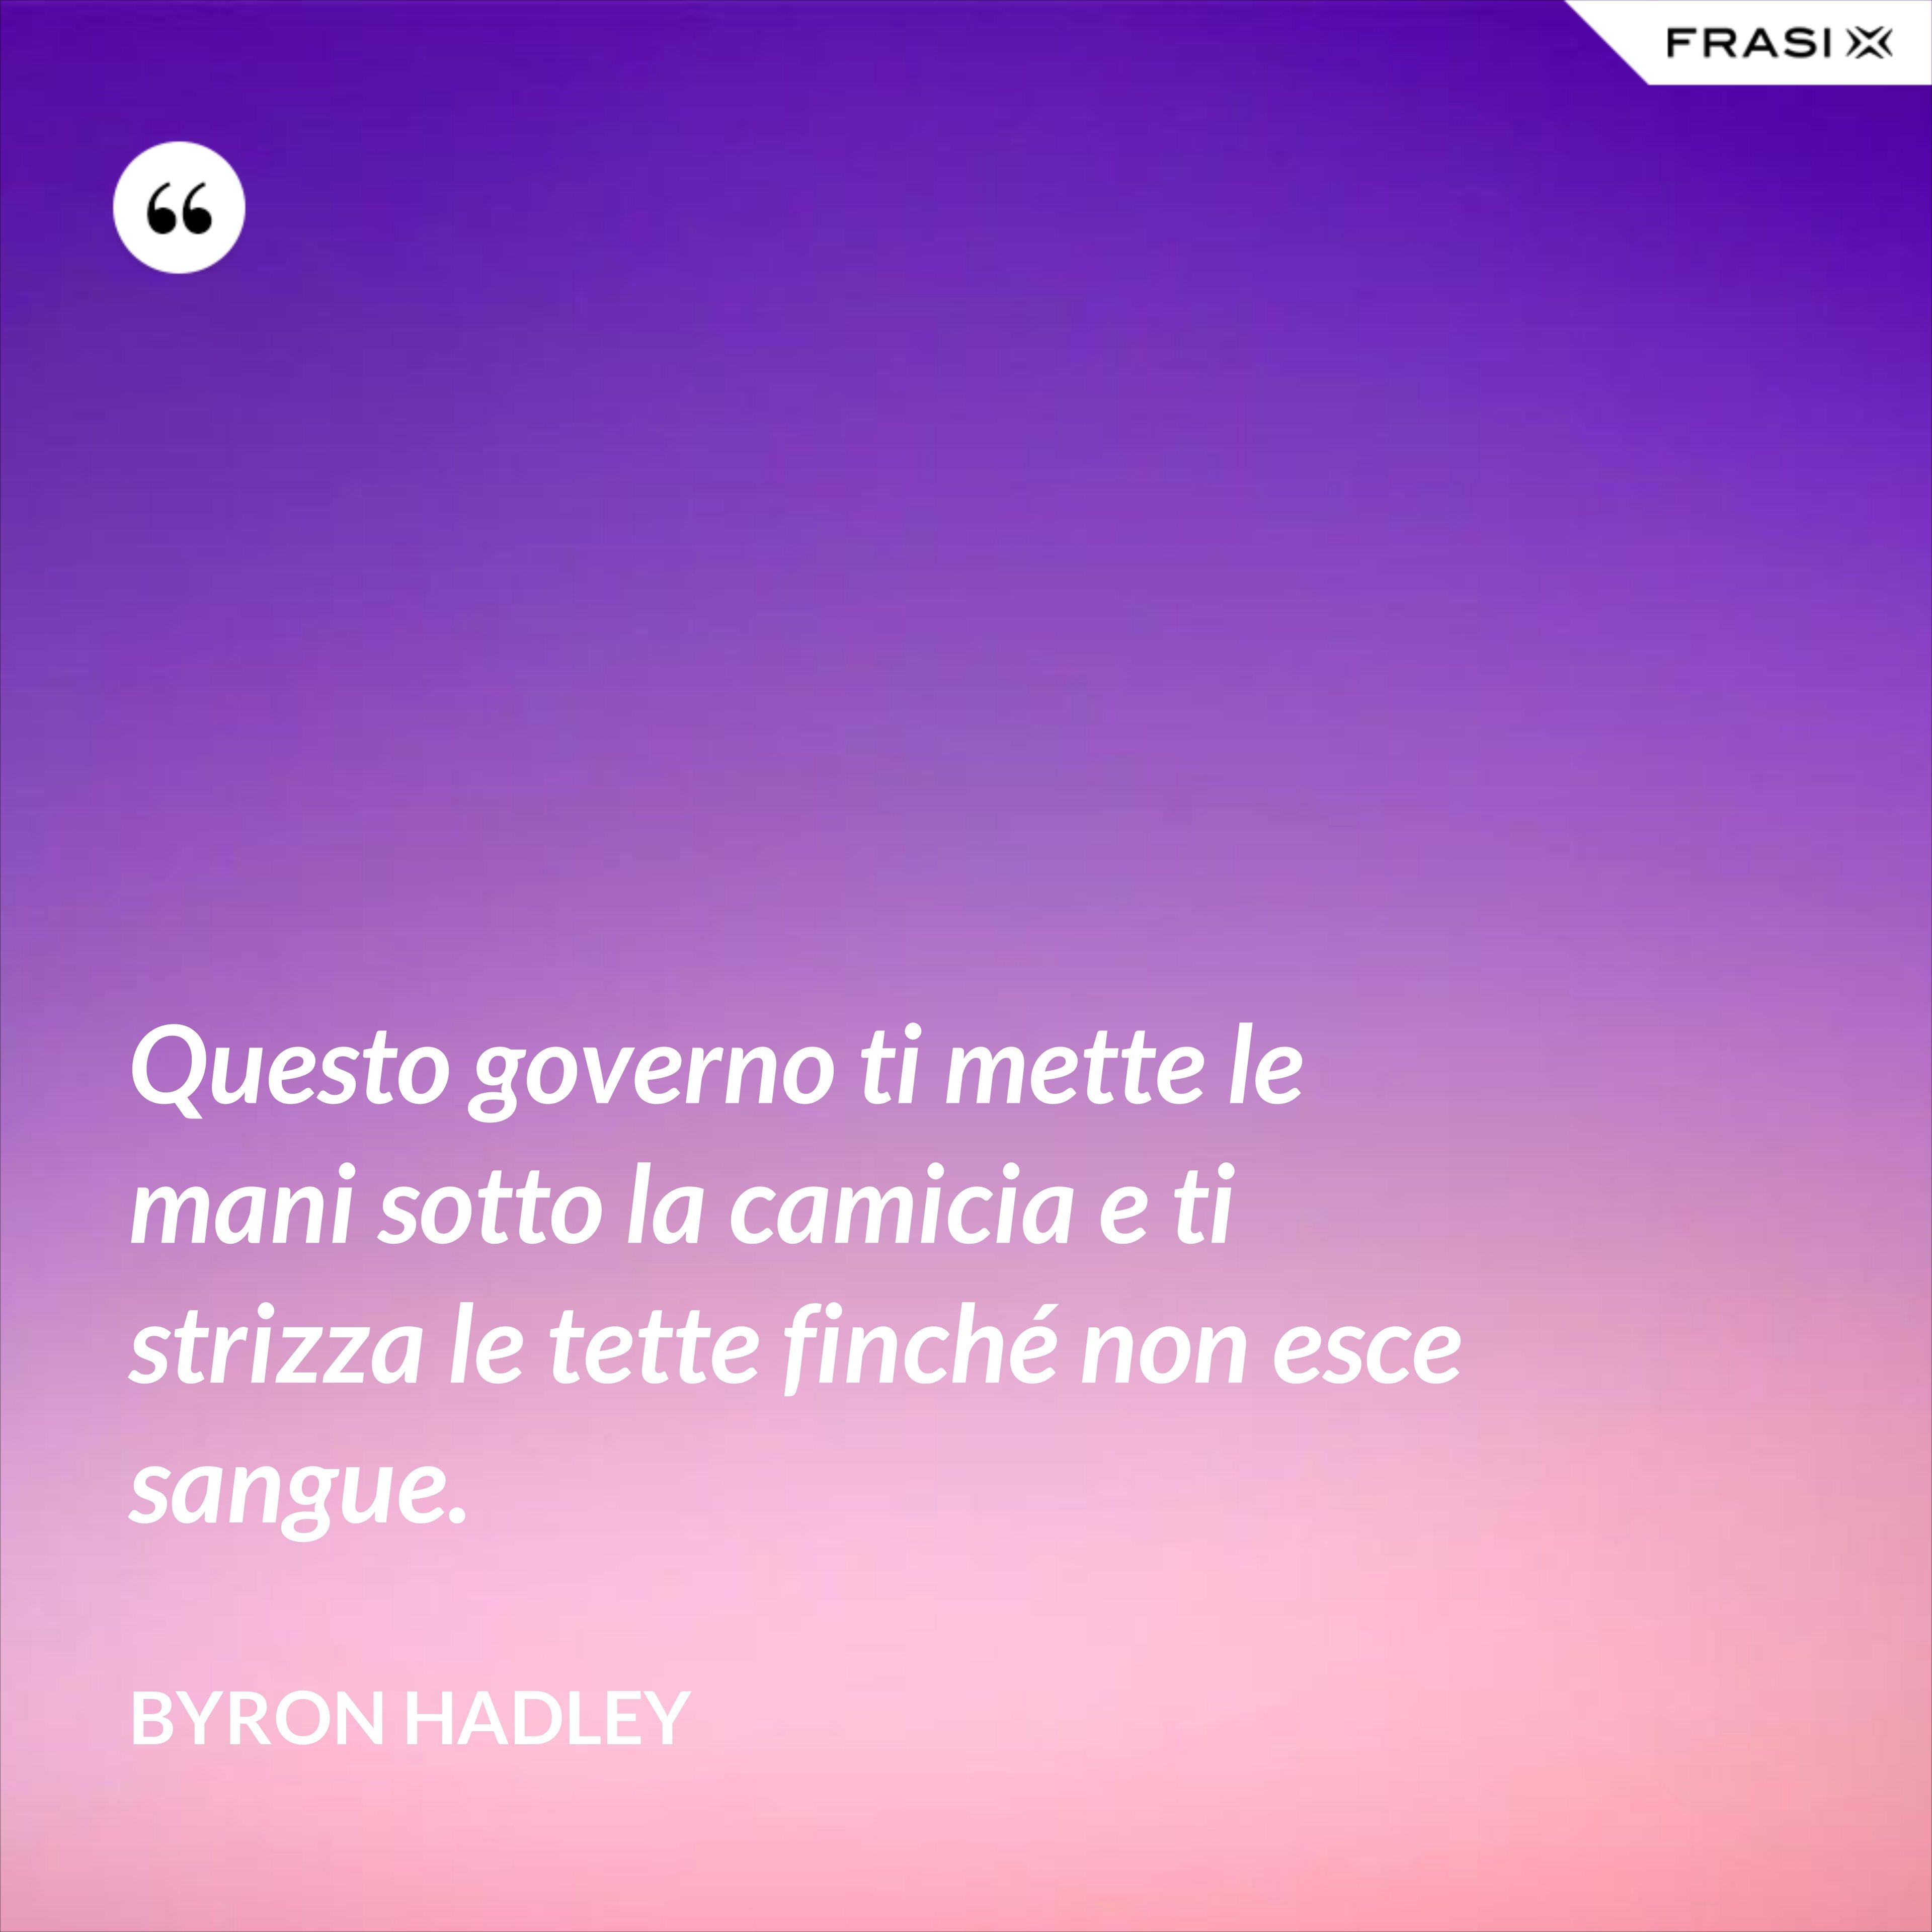 Questo governo ti mette le mani sotto la camicia e ti strizza le tette finché non esce sangue. - Byron Hadley